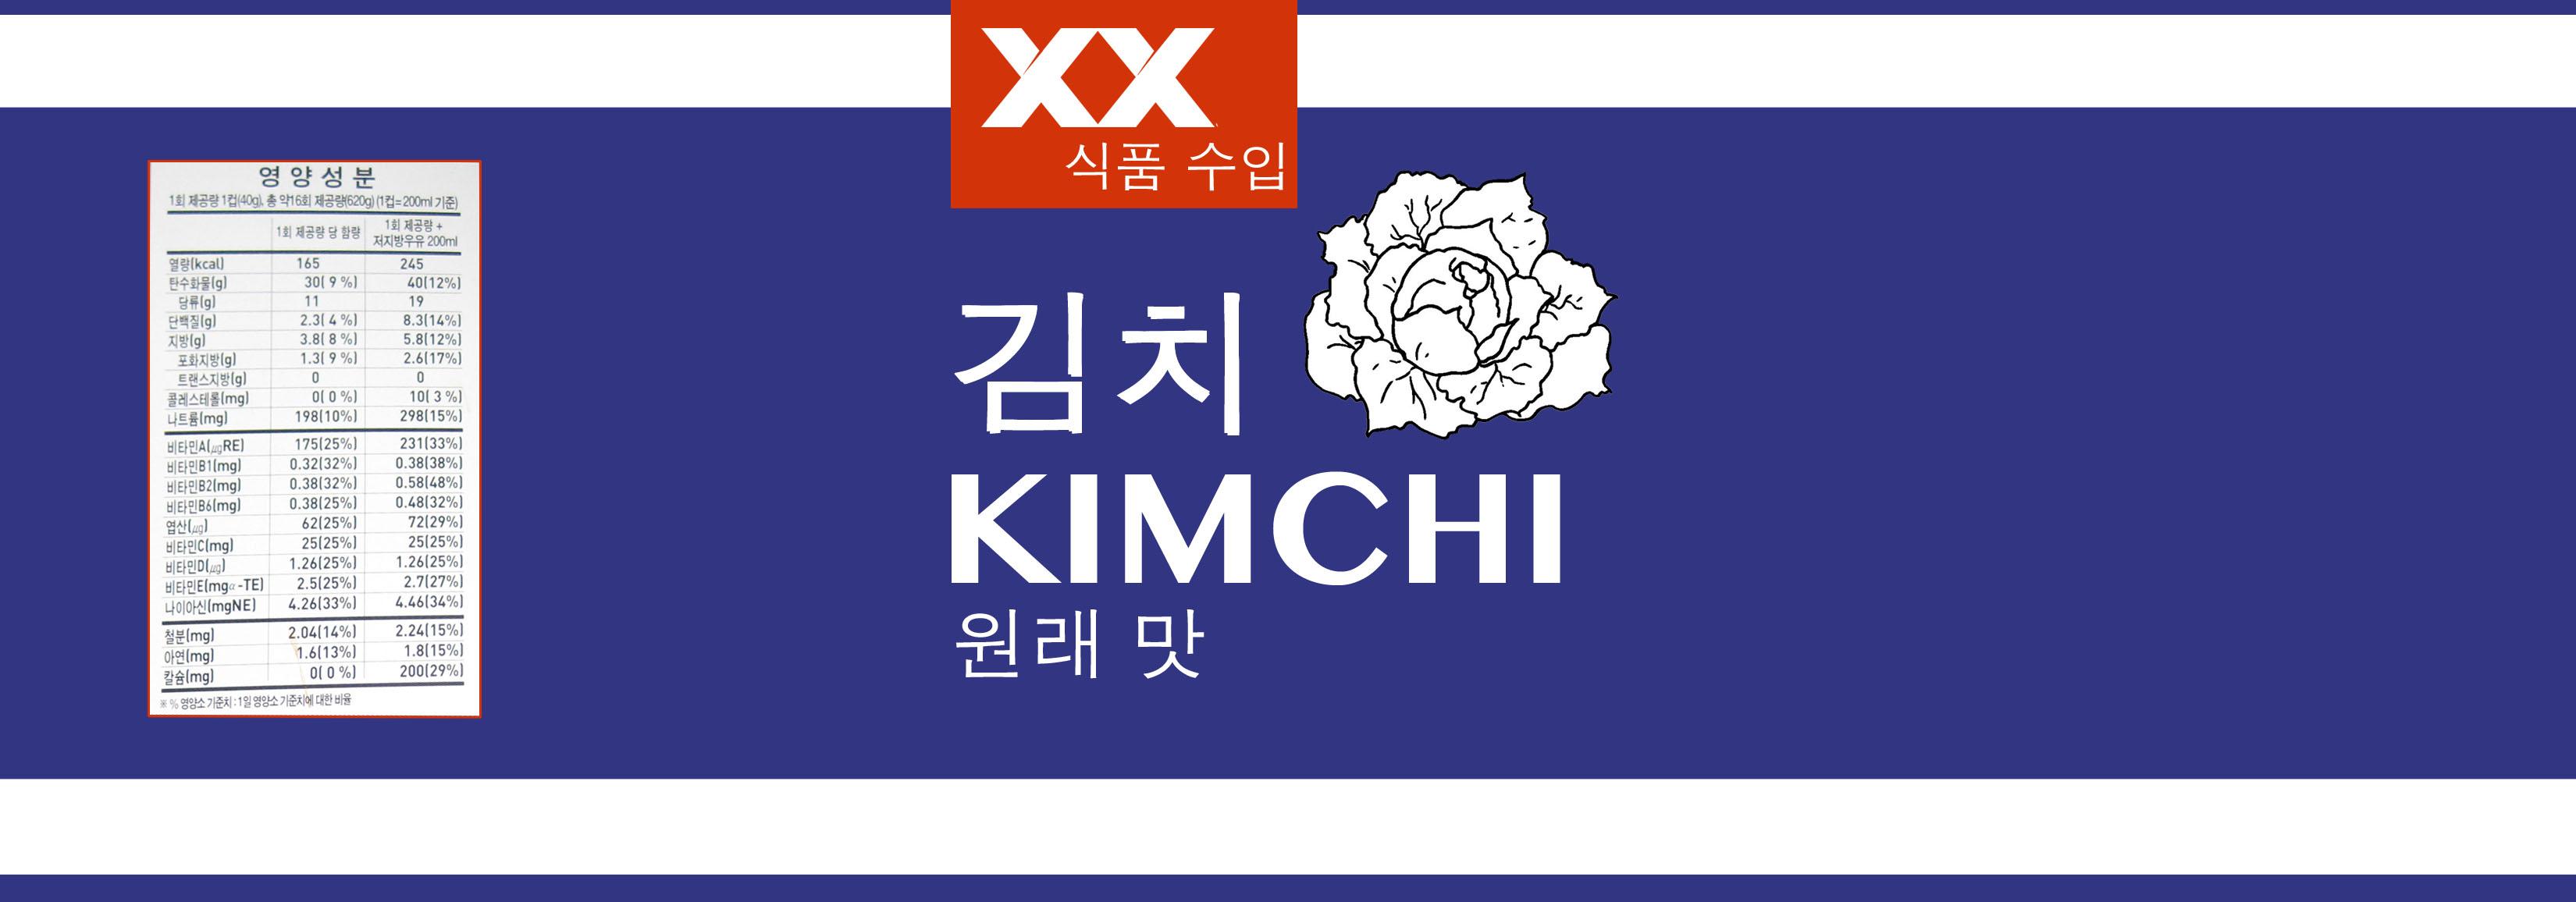 Kimchi copy